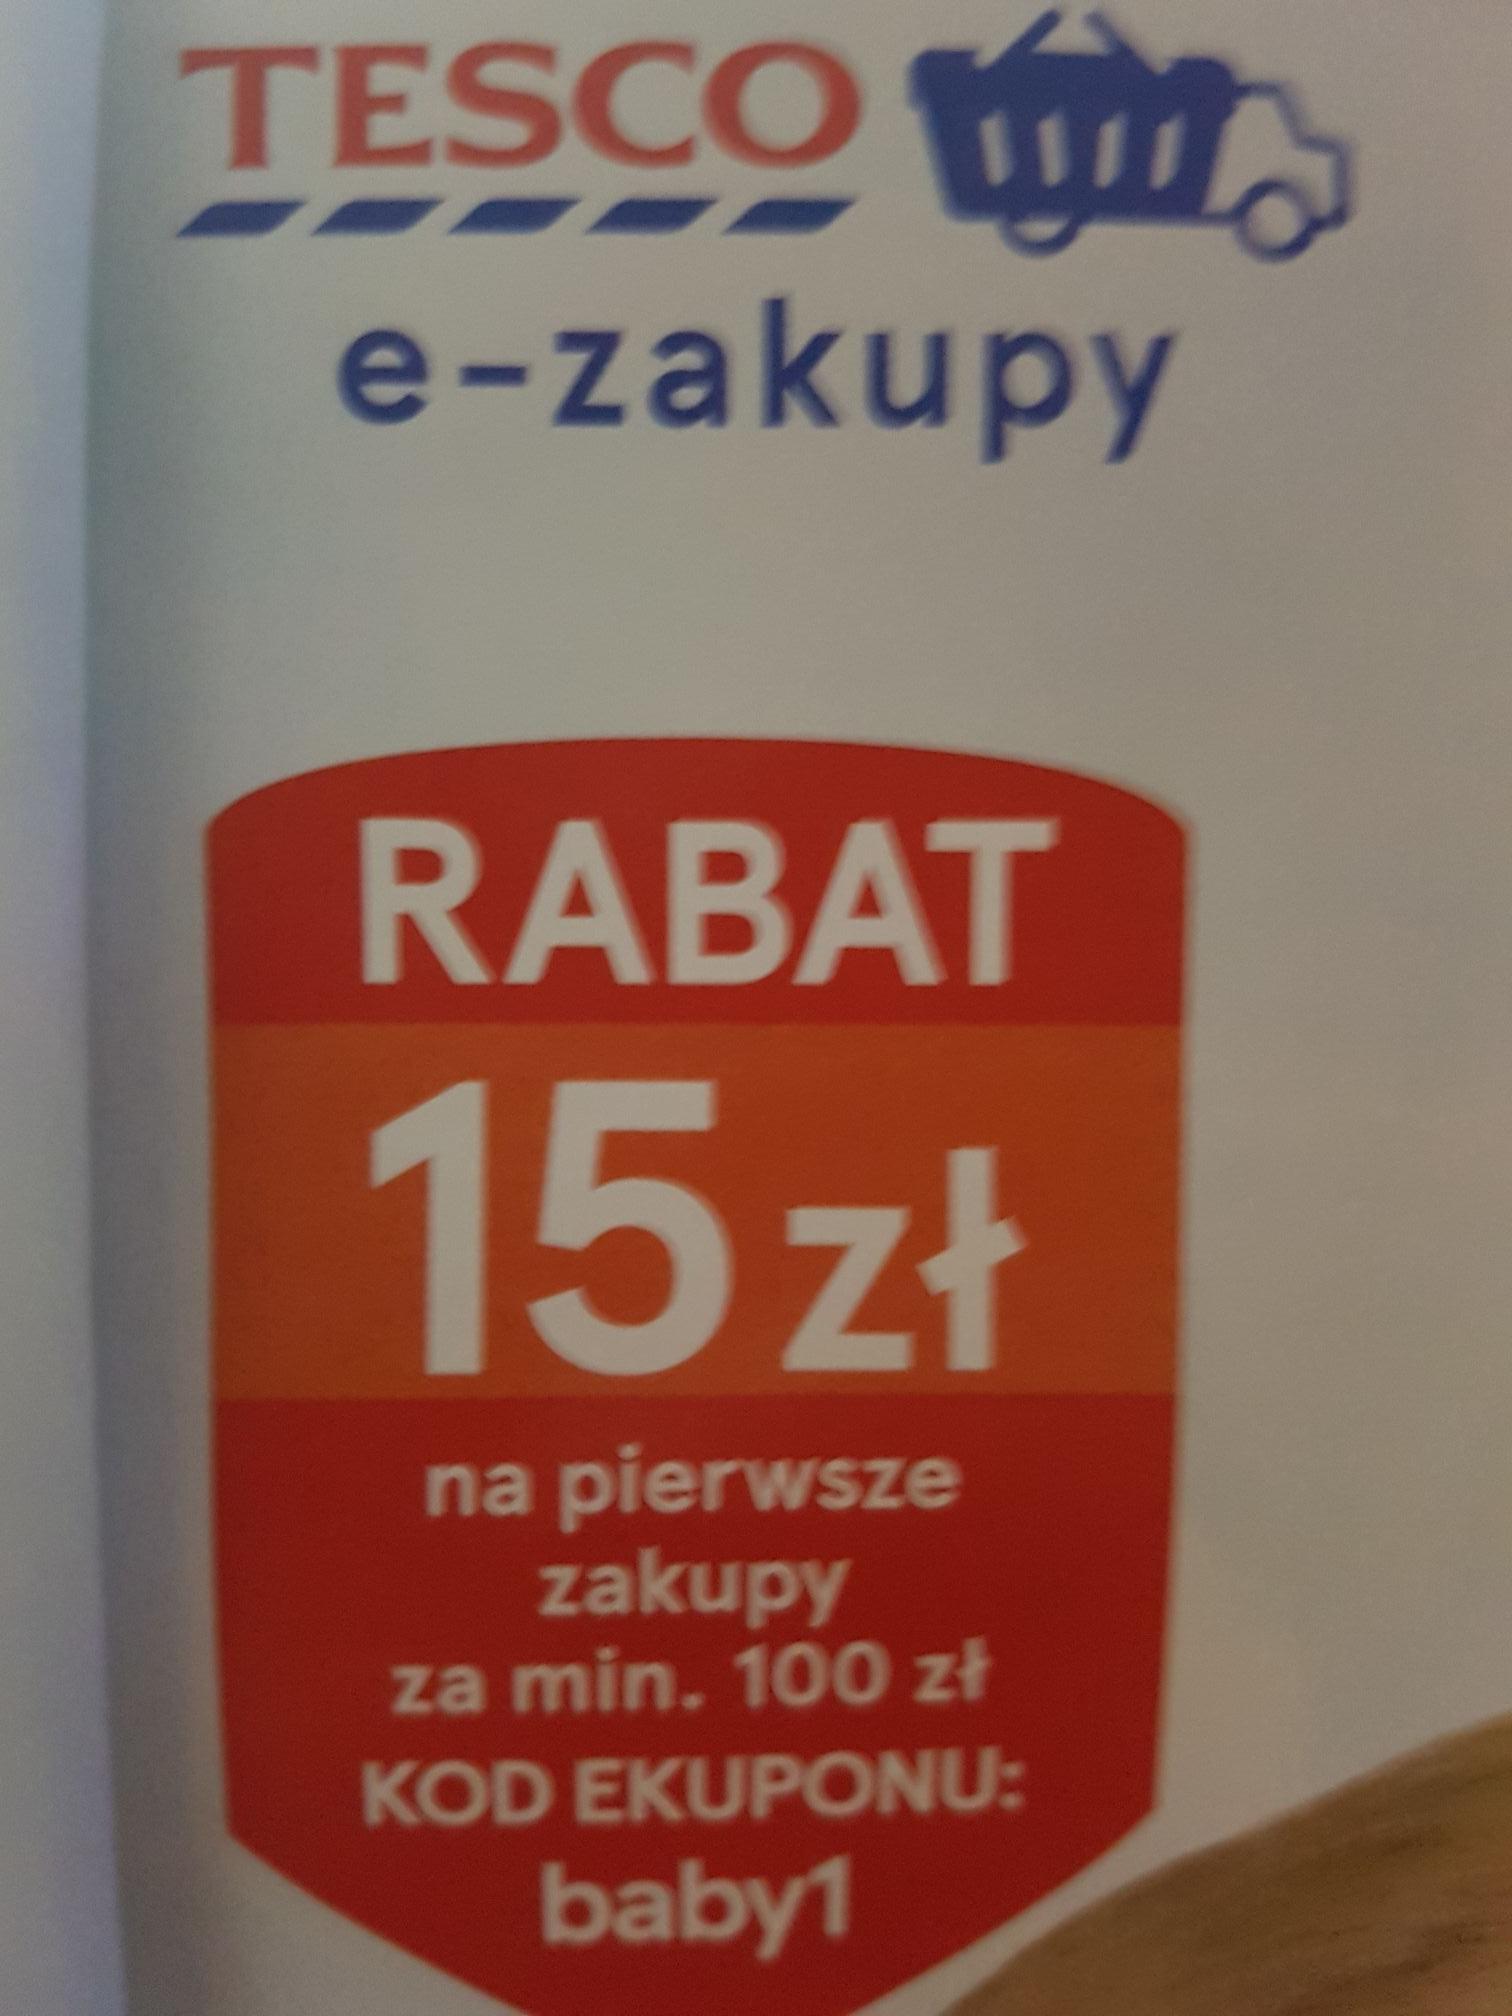 Tesco rabat -15zł na pierwsze e-zakupy (mwz 100zł). Jest to moja pierwzza wrzutka, pozdrawiam :-)